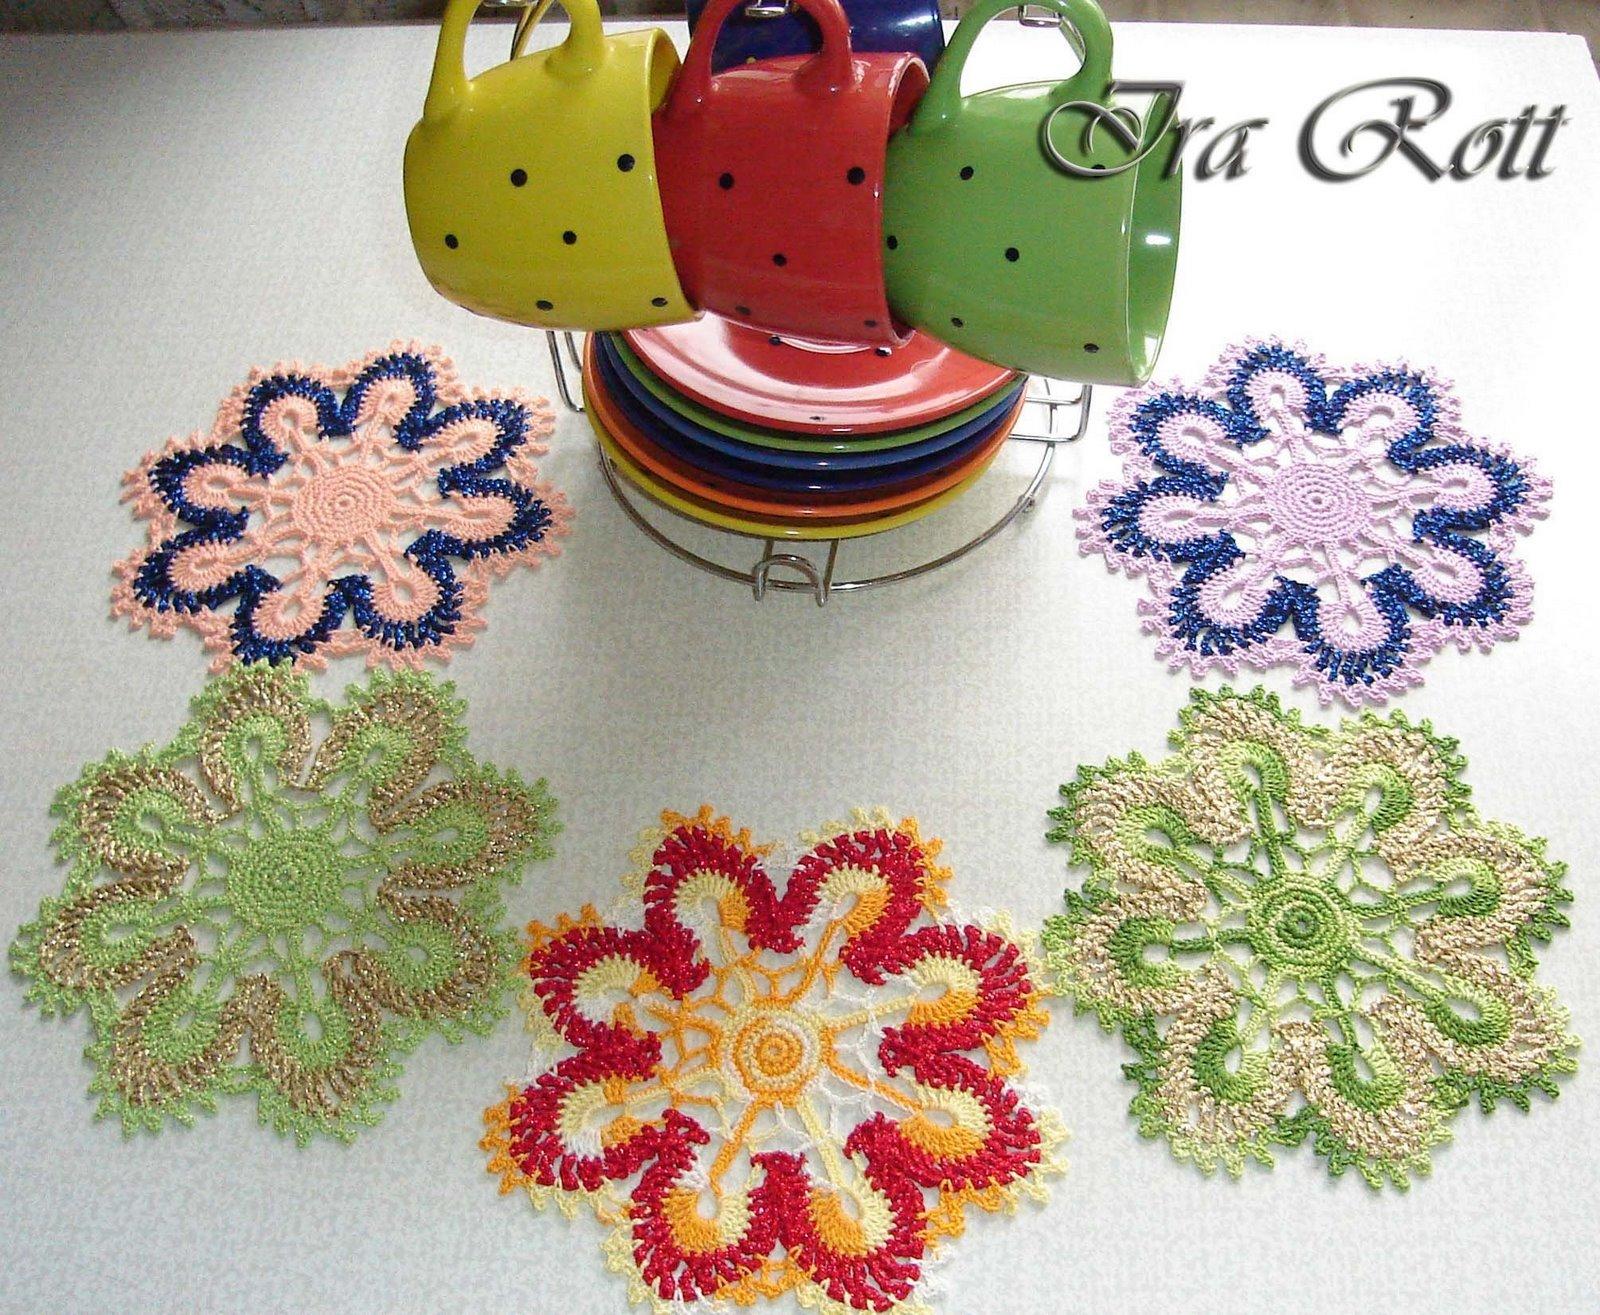 Tejidos artesanales: noviembre 2010